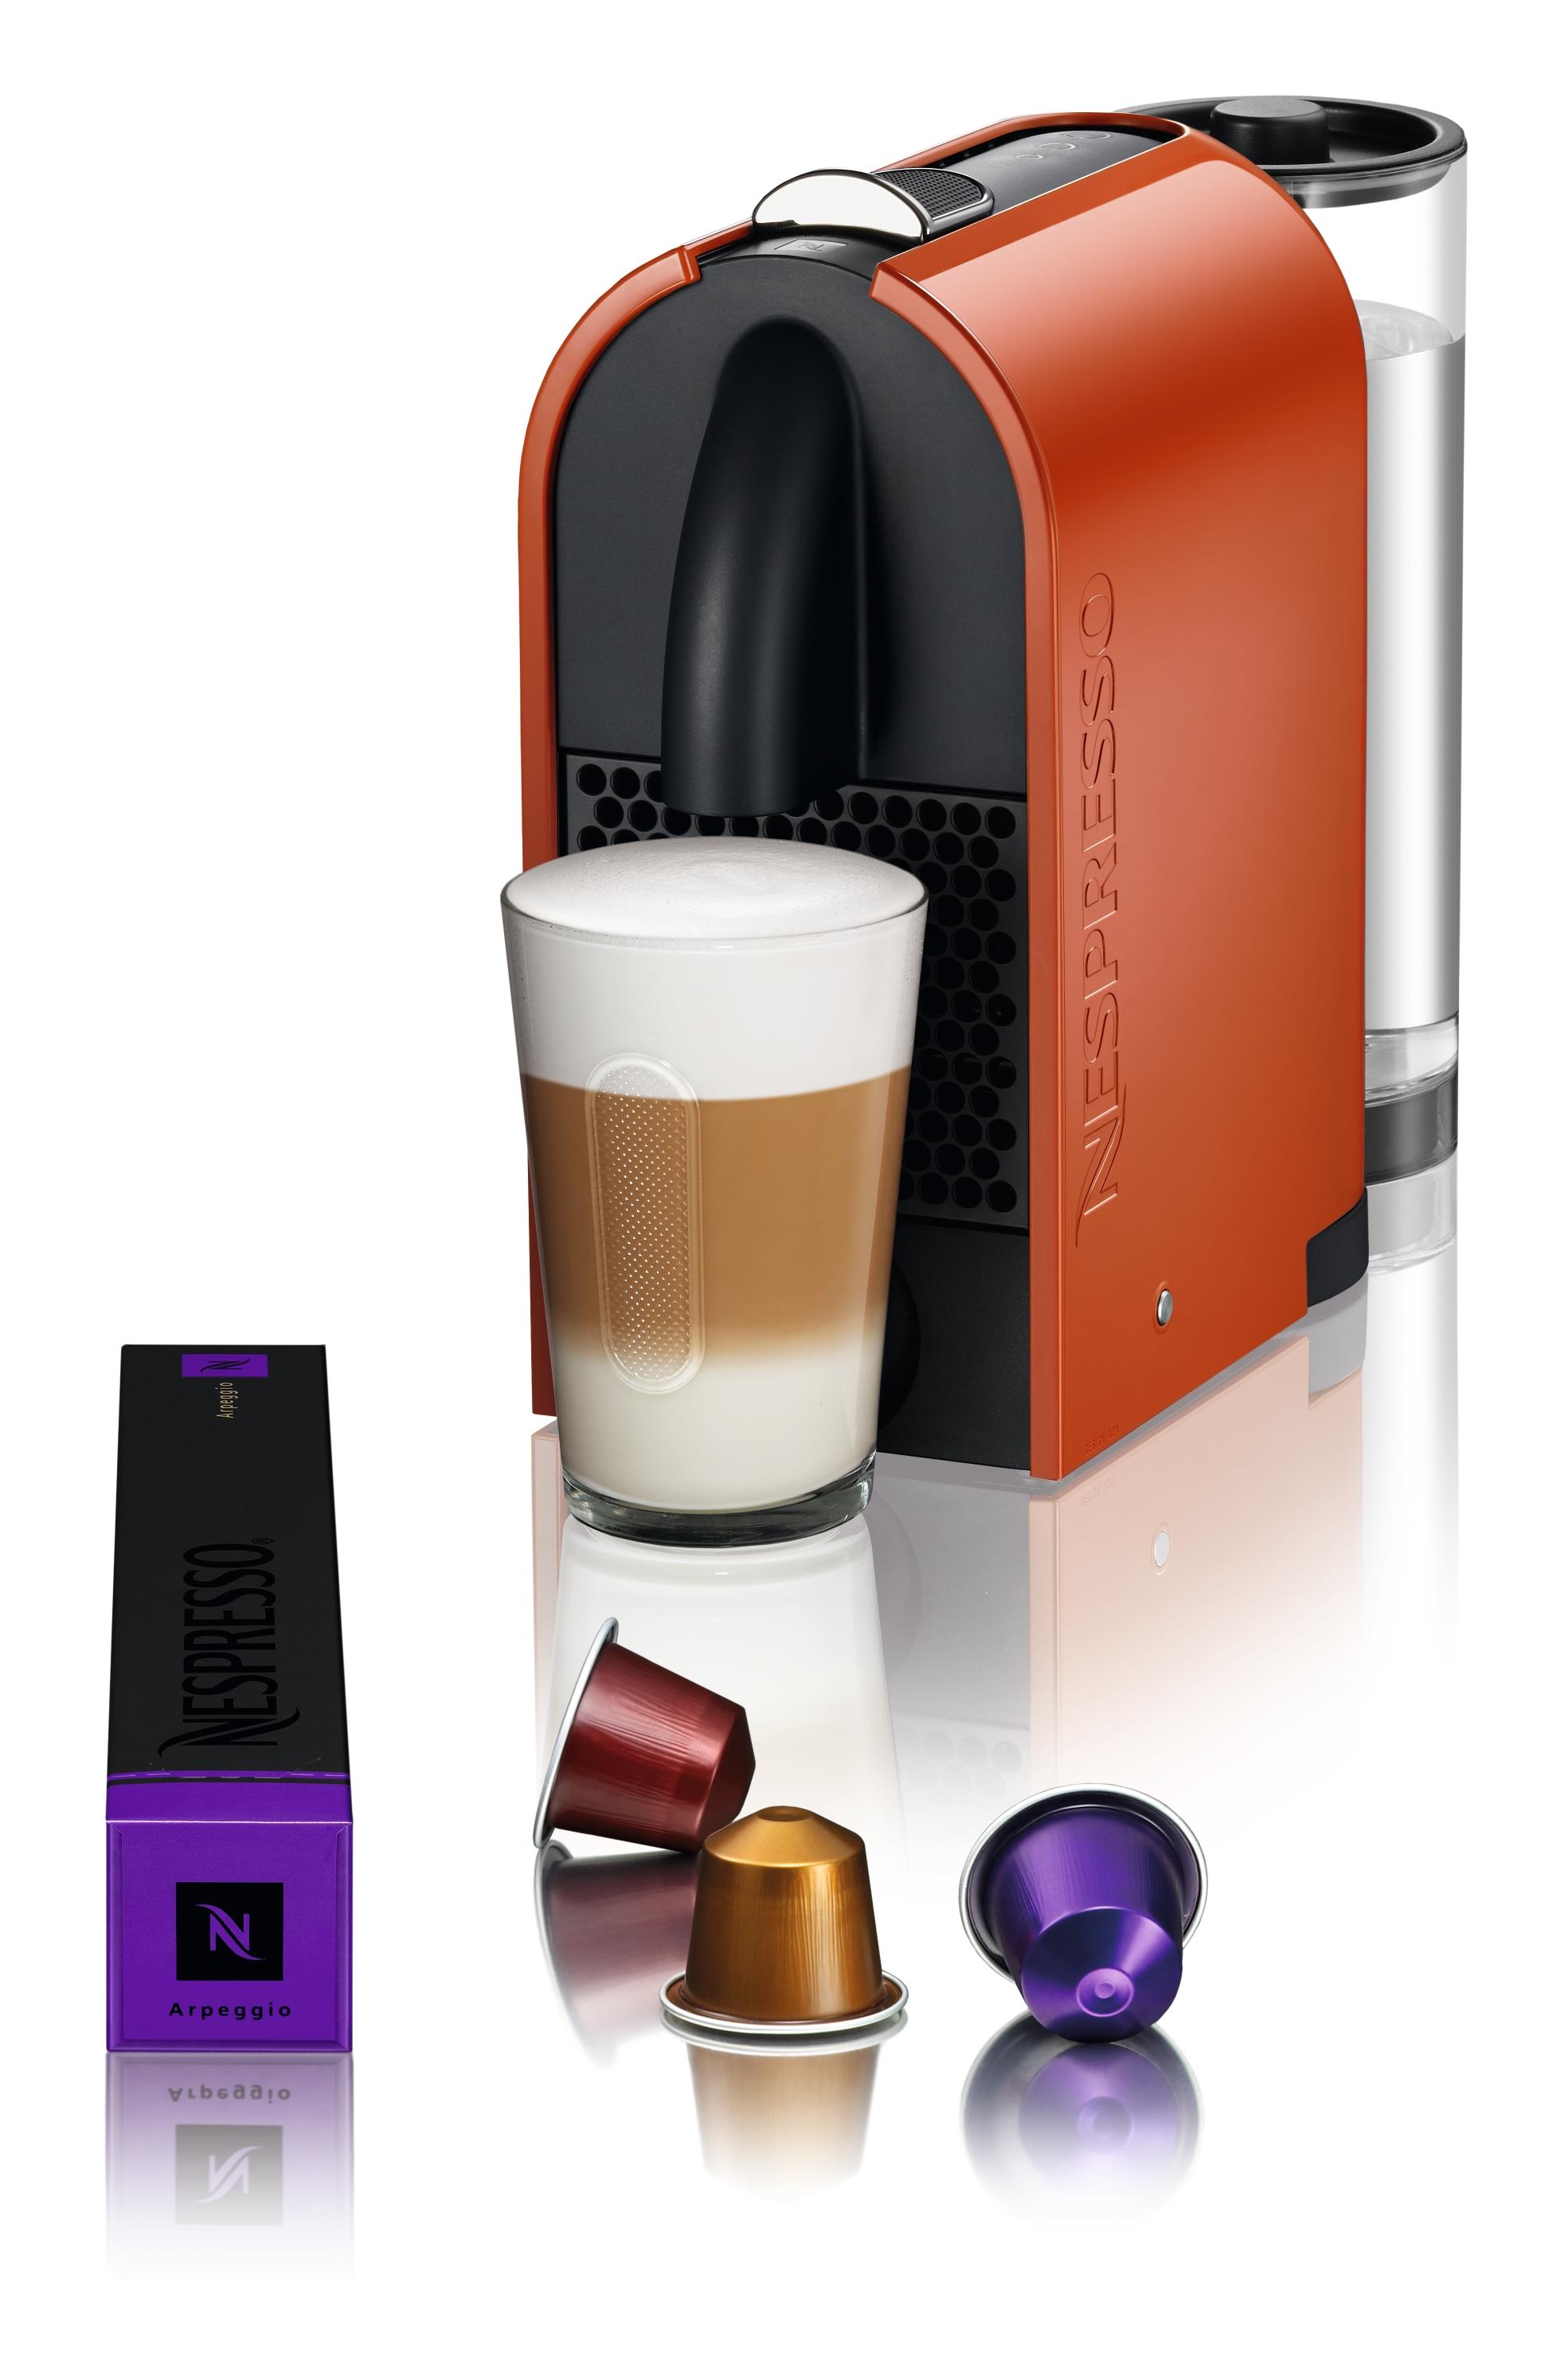 de longhi nespresso u kapselmaschine elegant flexibel intelligent. Black Bedroom Furniture Sets. Home Design Ideas